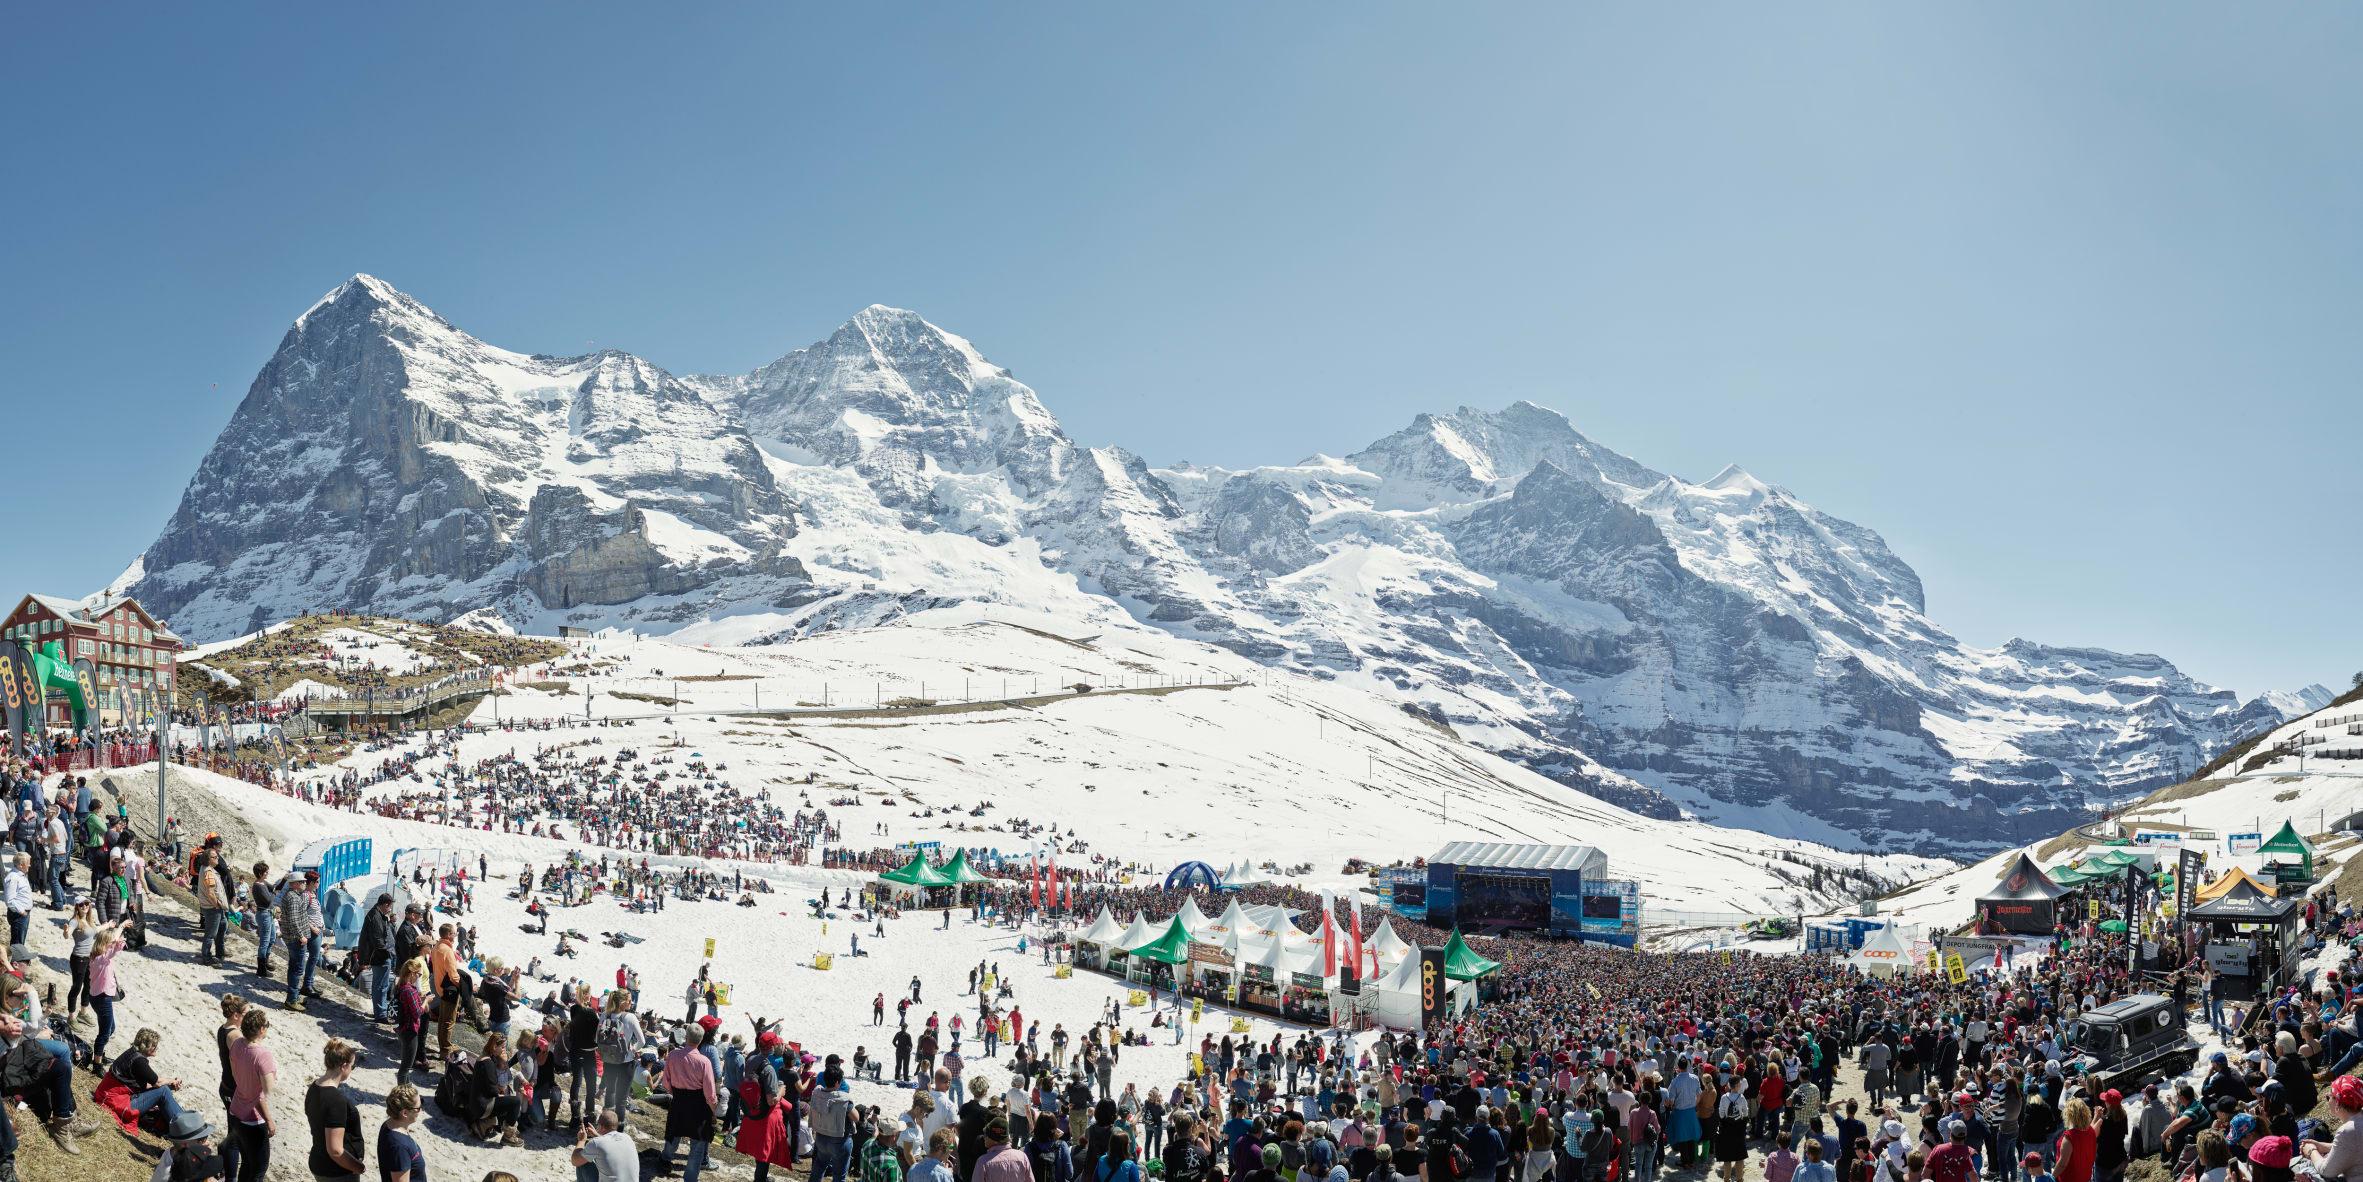 Erlebnisse-Aktivitaeten, Jungfrau-Ski-Region, Skigebiet-Grindelwald-Wengen, SnowpenAir, Winter